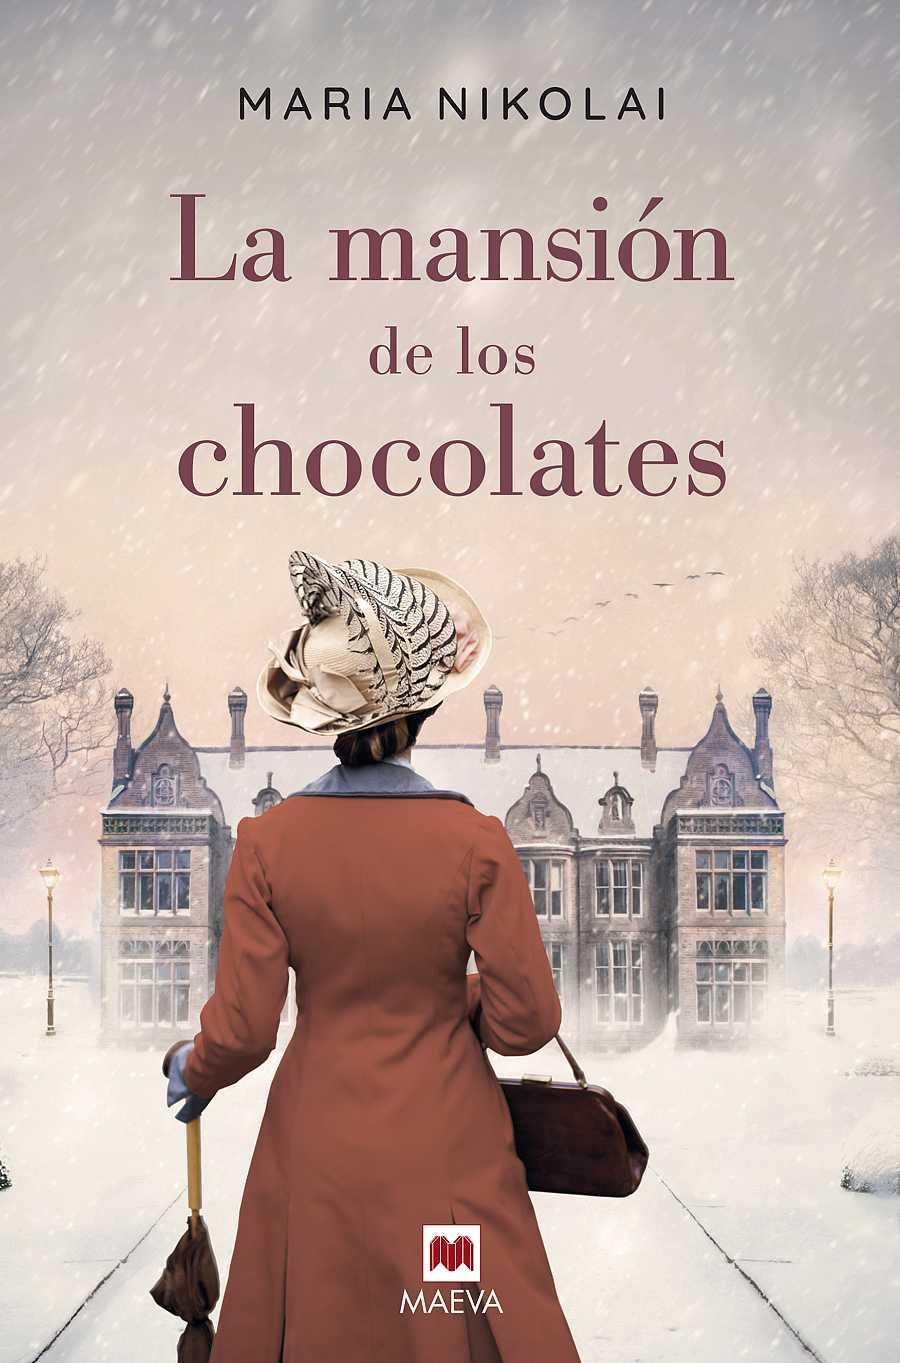 La mansión de los chocolates, de María Nikolai (Libro Maeva del año 2018)